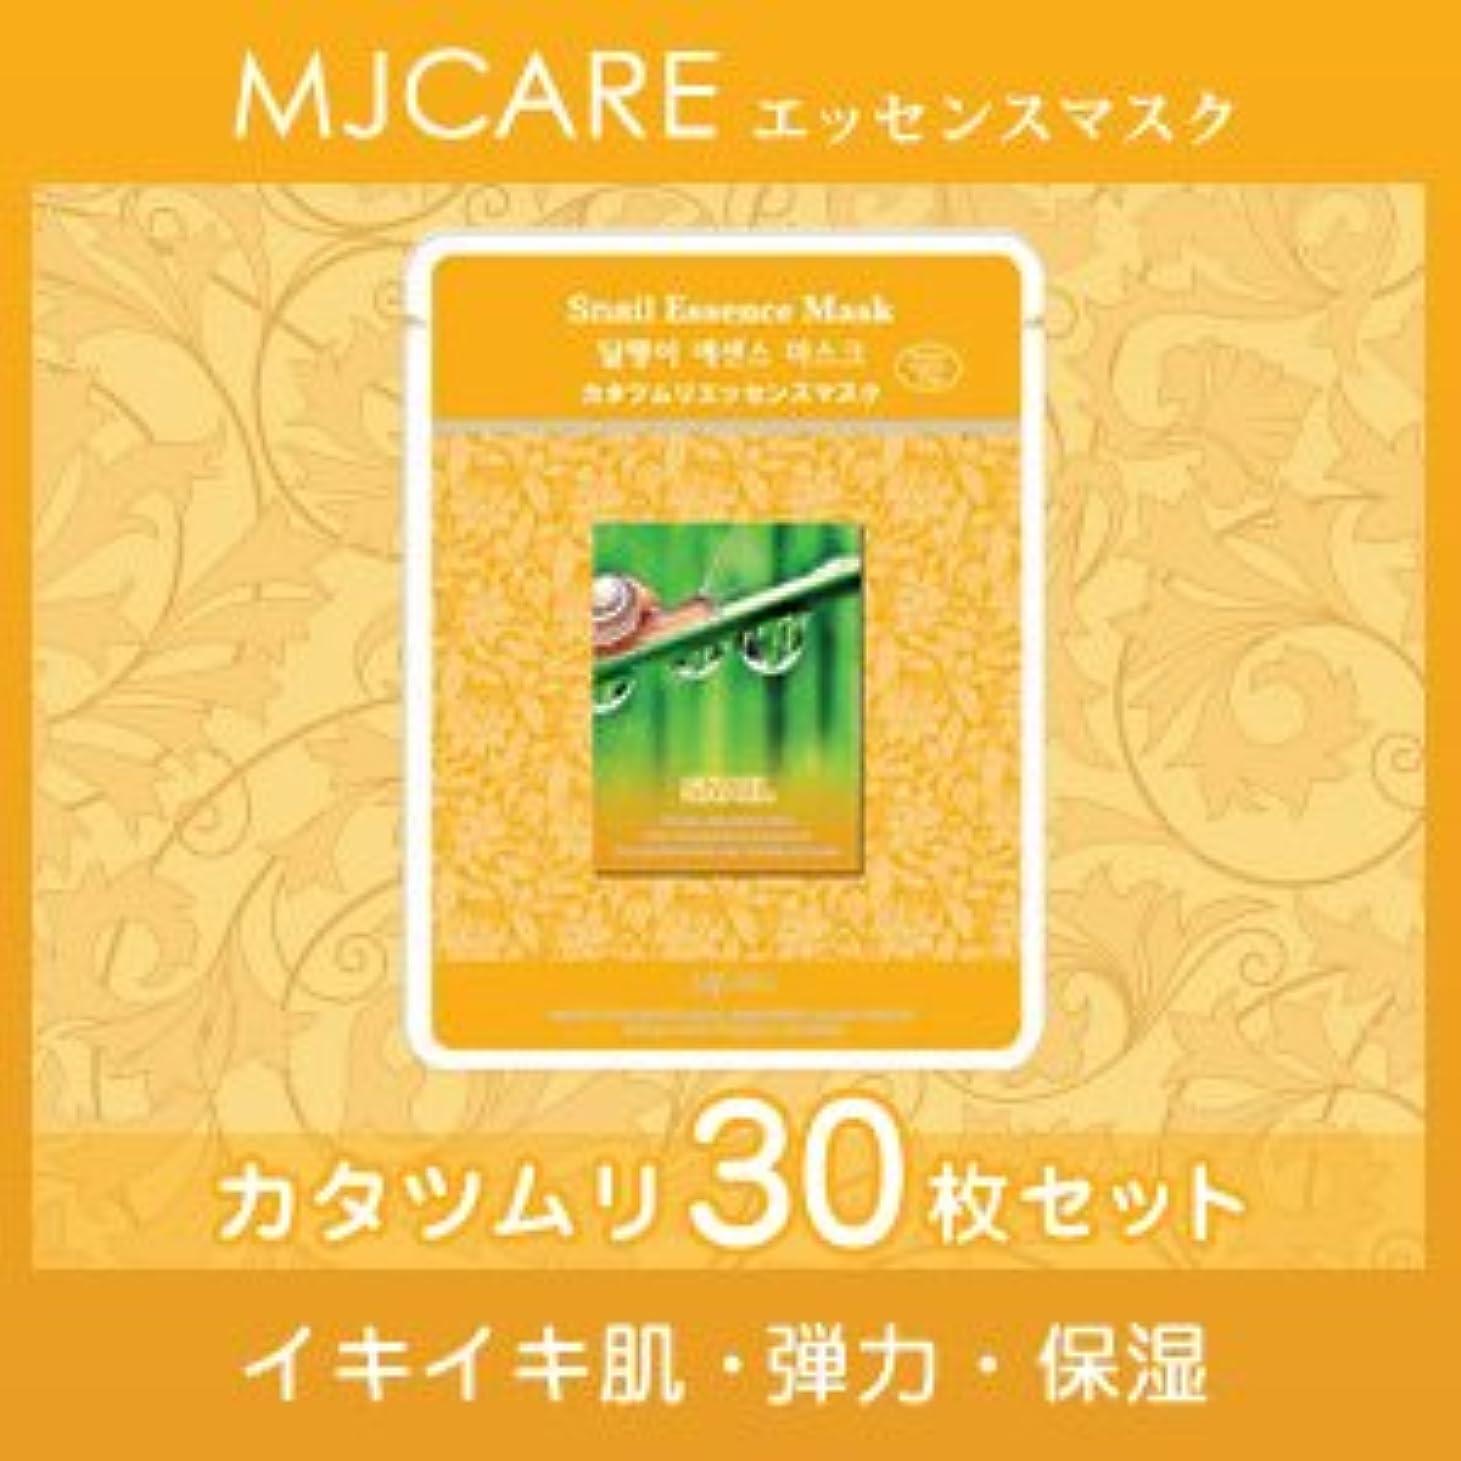 政令バイナリ喉頭MJCARE (エムジェイケア) かたつむり エッセンスマスク 30セット